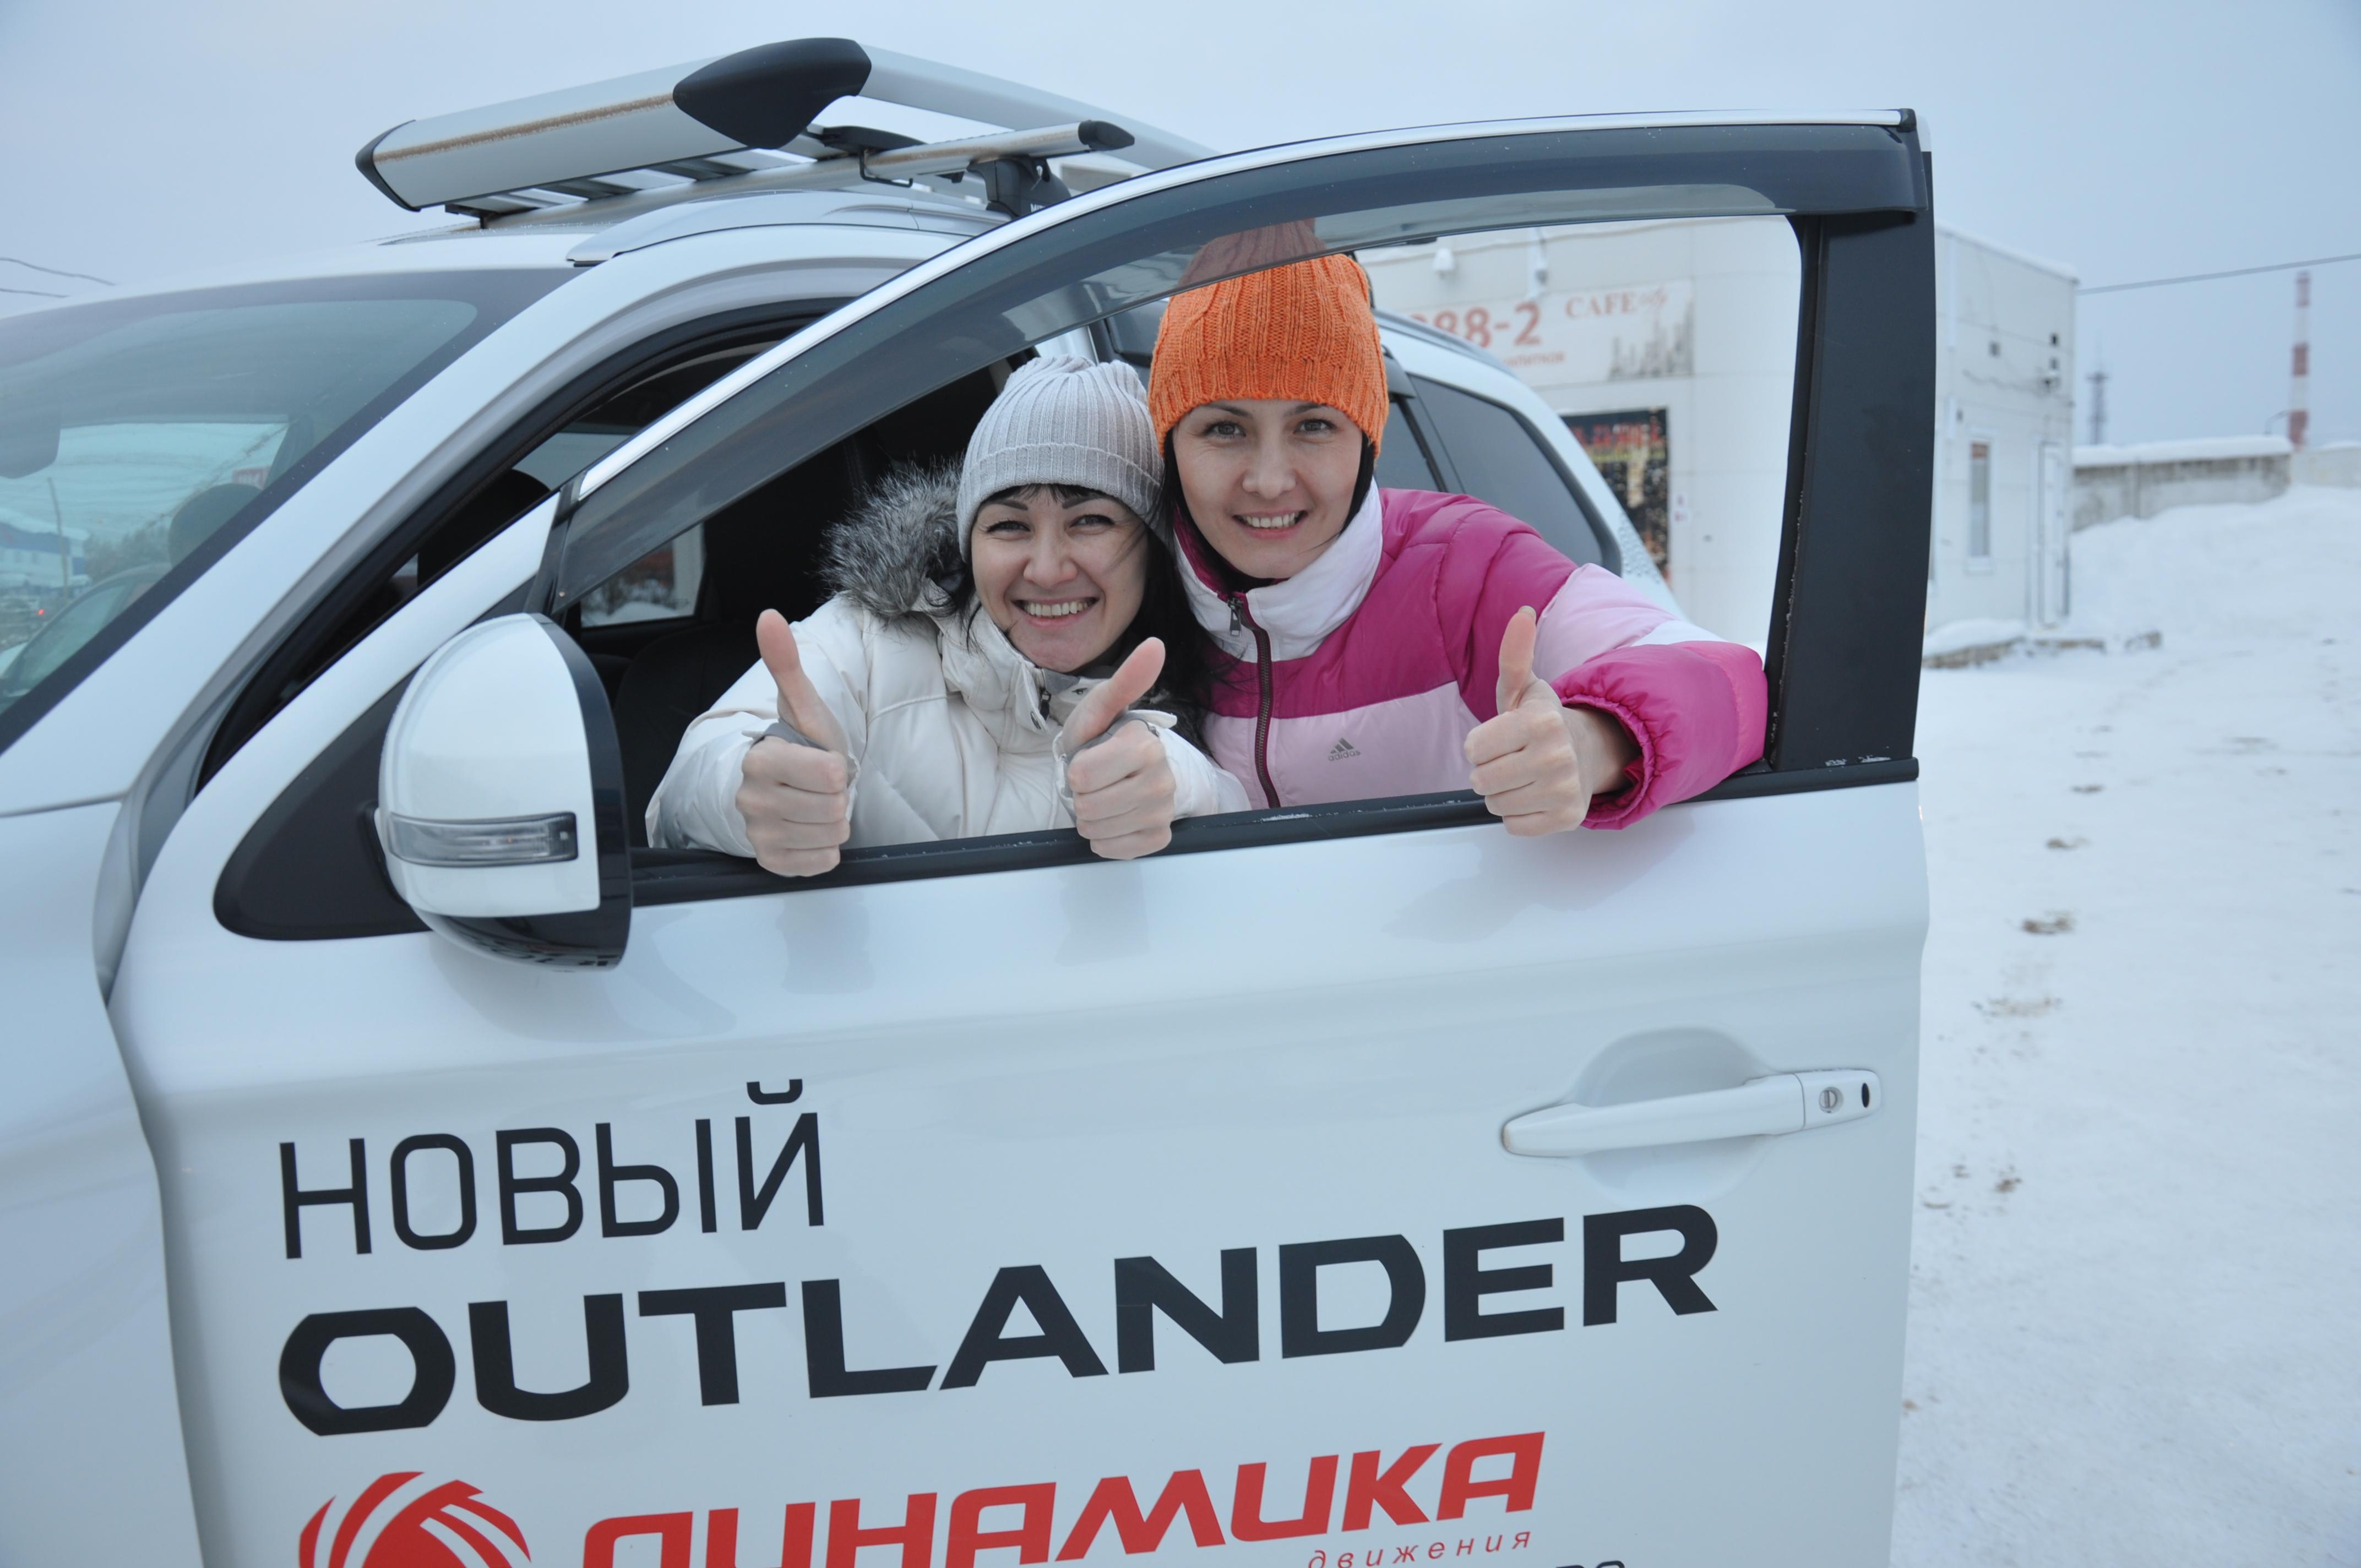 Автосалон «Динамика» дилерский центр Mitsubishi устроил внедорожное приключение для ухтинцев 16+